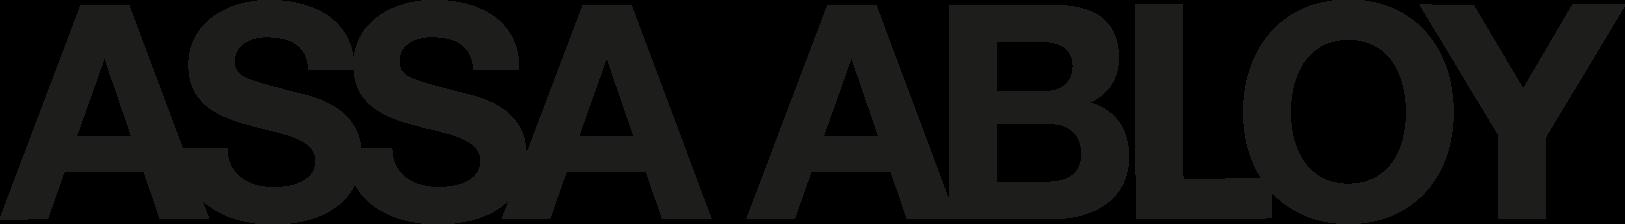 ASSA ABLOY FRANCE SAS